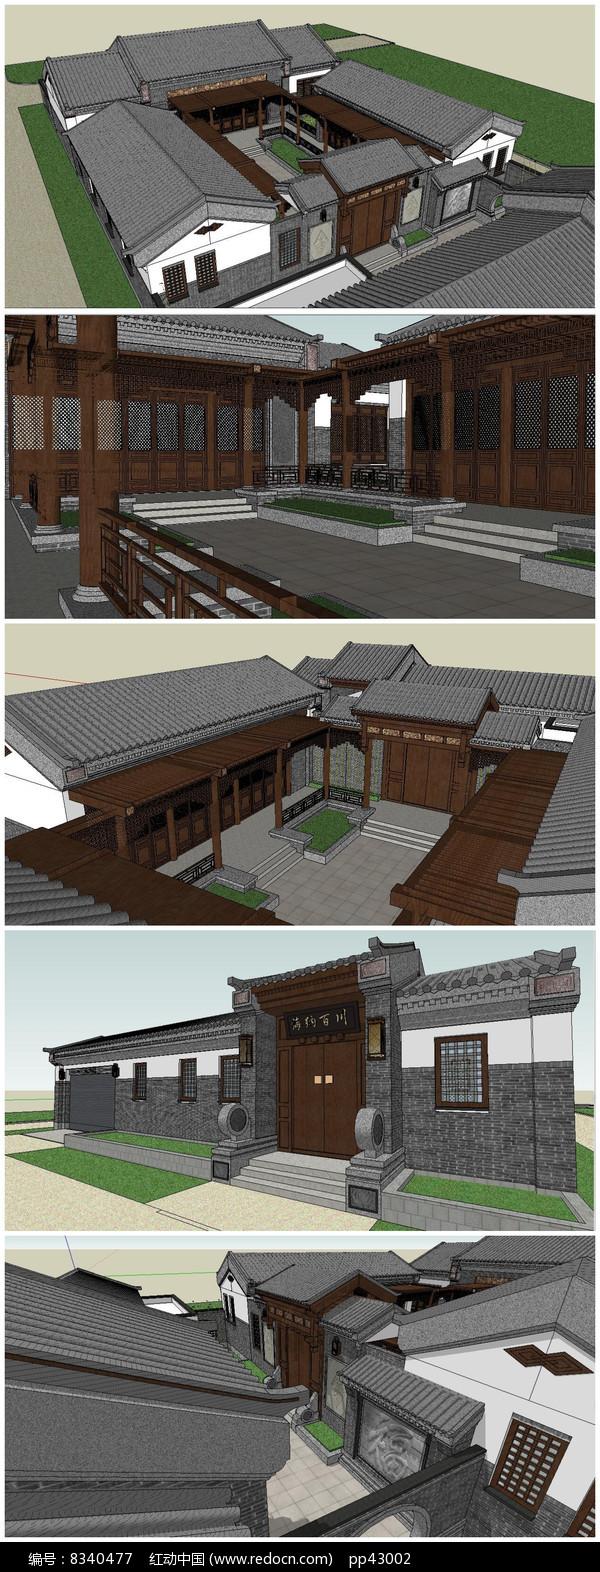 中式风格农家小院子SU模型图片